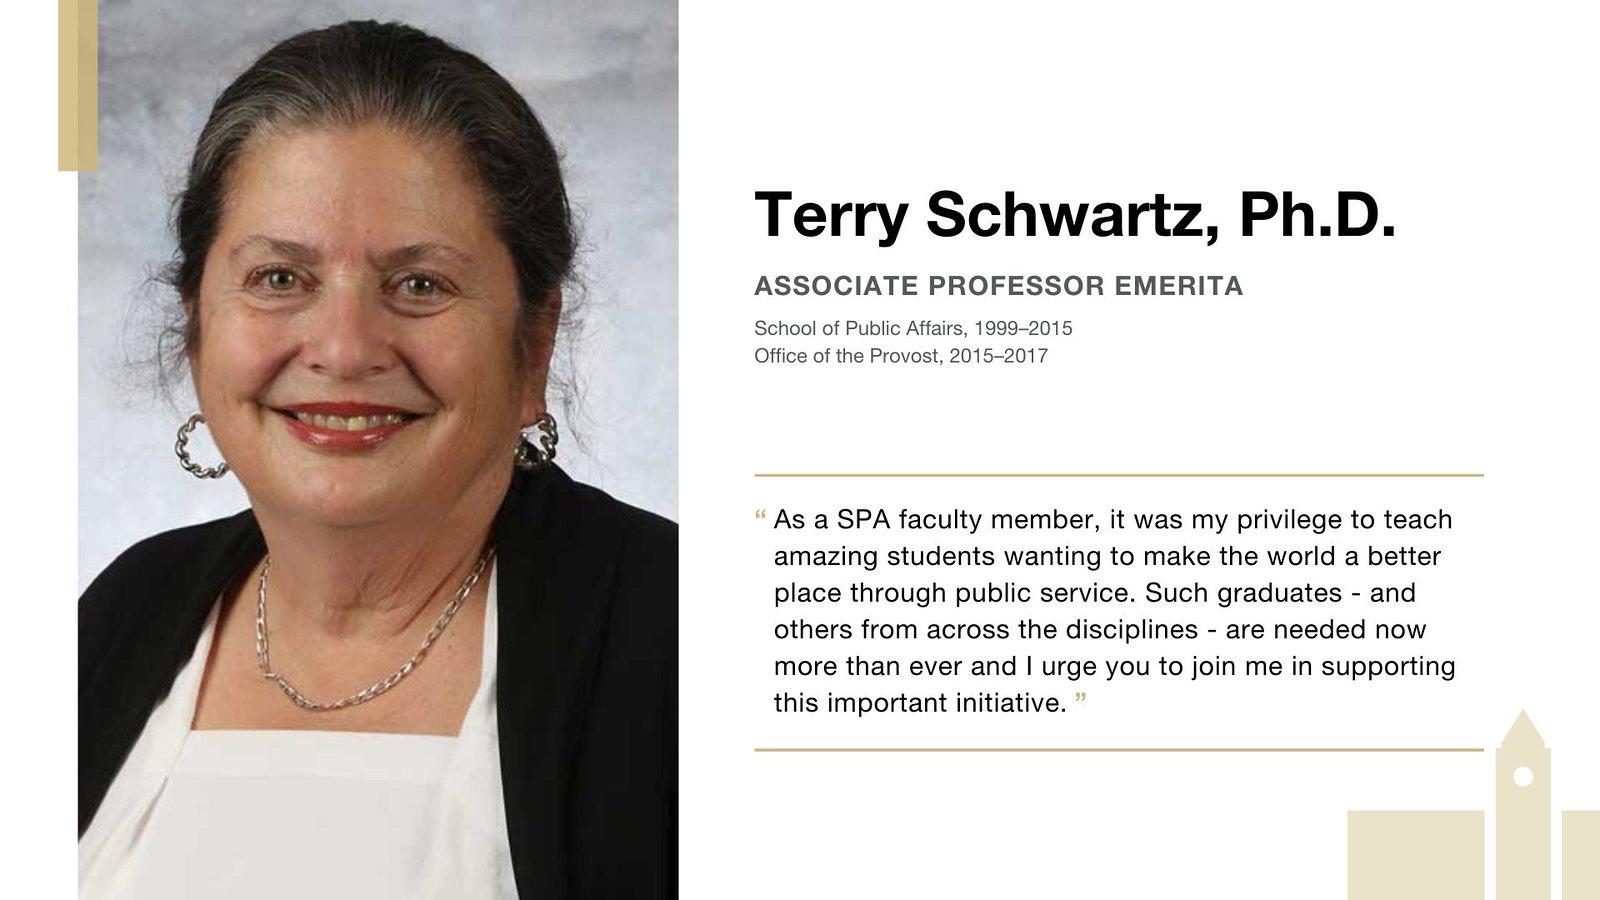 10-Terry Schwartz